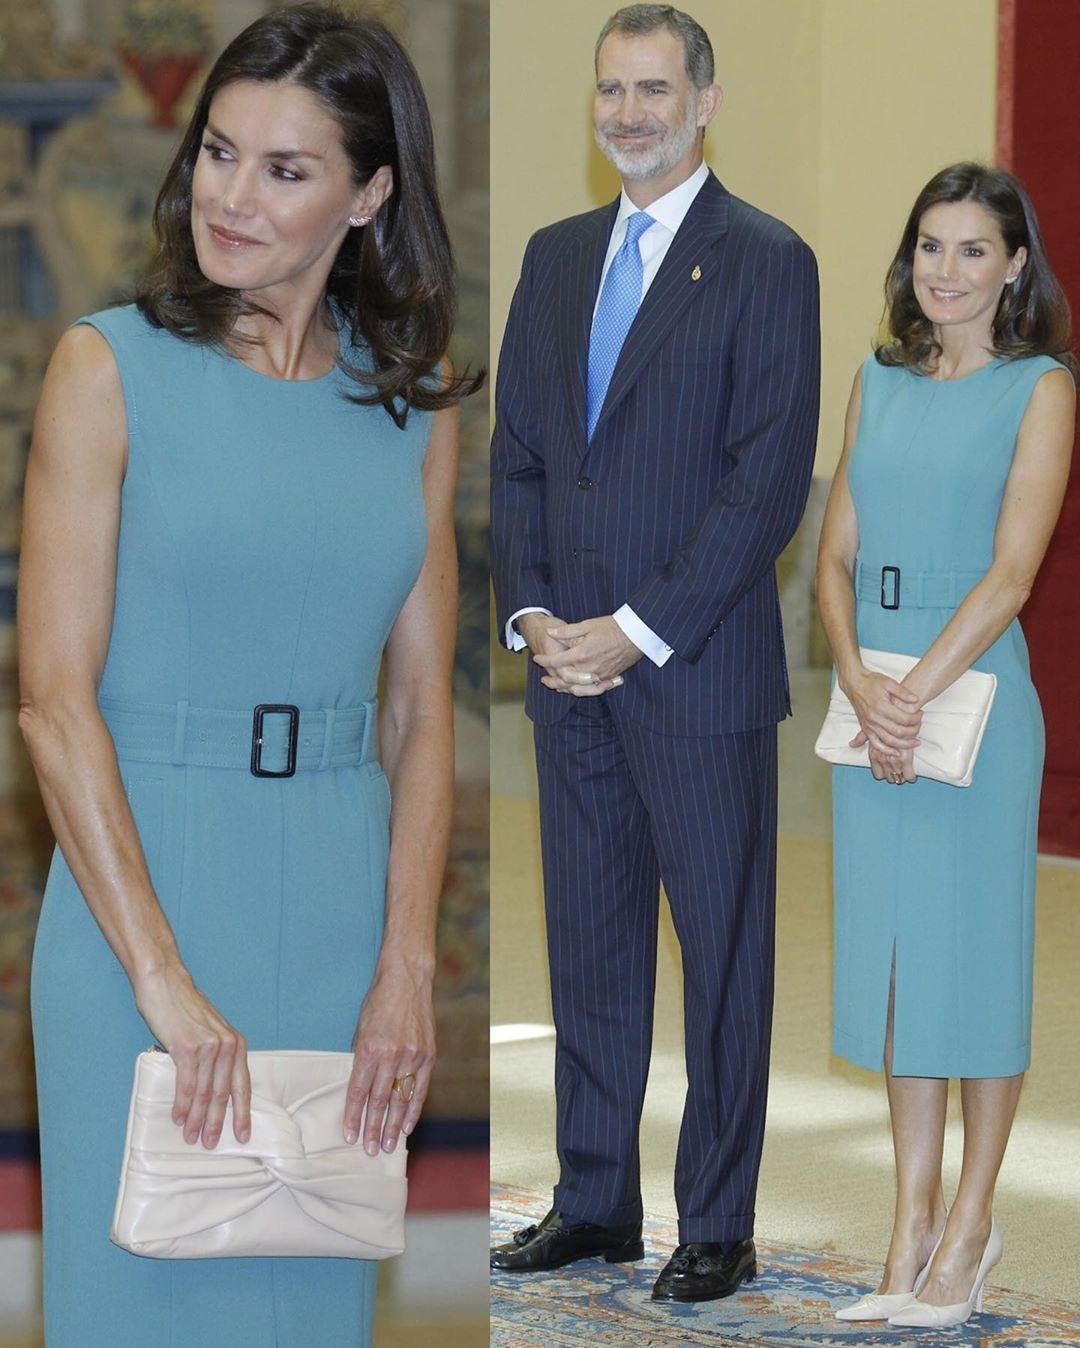 Sở hữu cánh tay săn chắc lực điền nhưng Hoàng hậu Tây Ban Nha lại được khen ngợi hết lời khi diện váy áo sát nách - Ảnh 7.